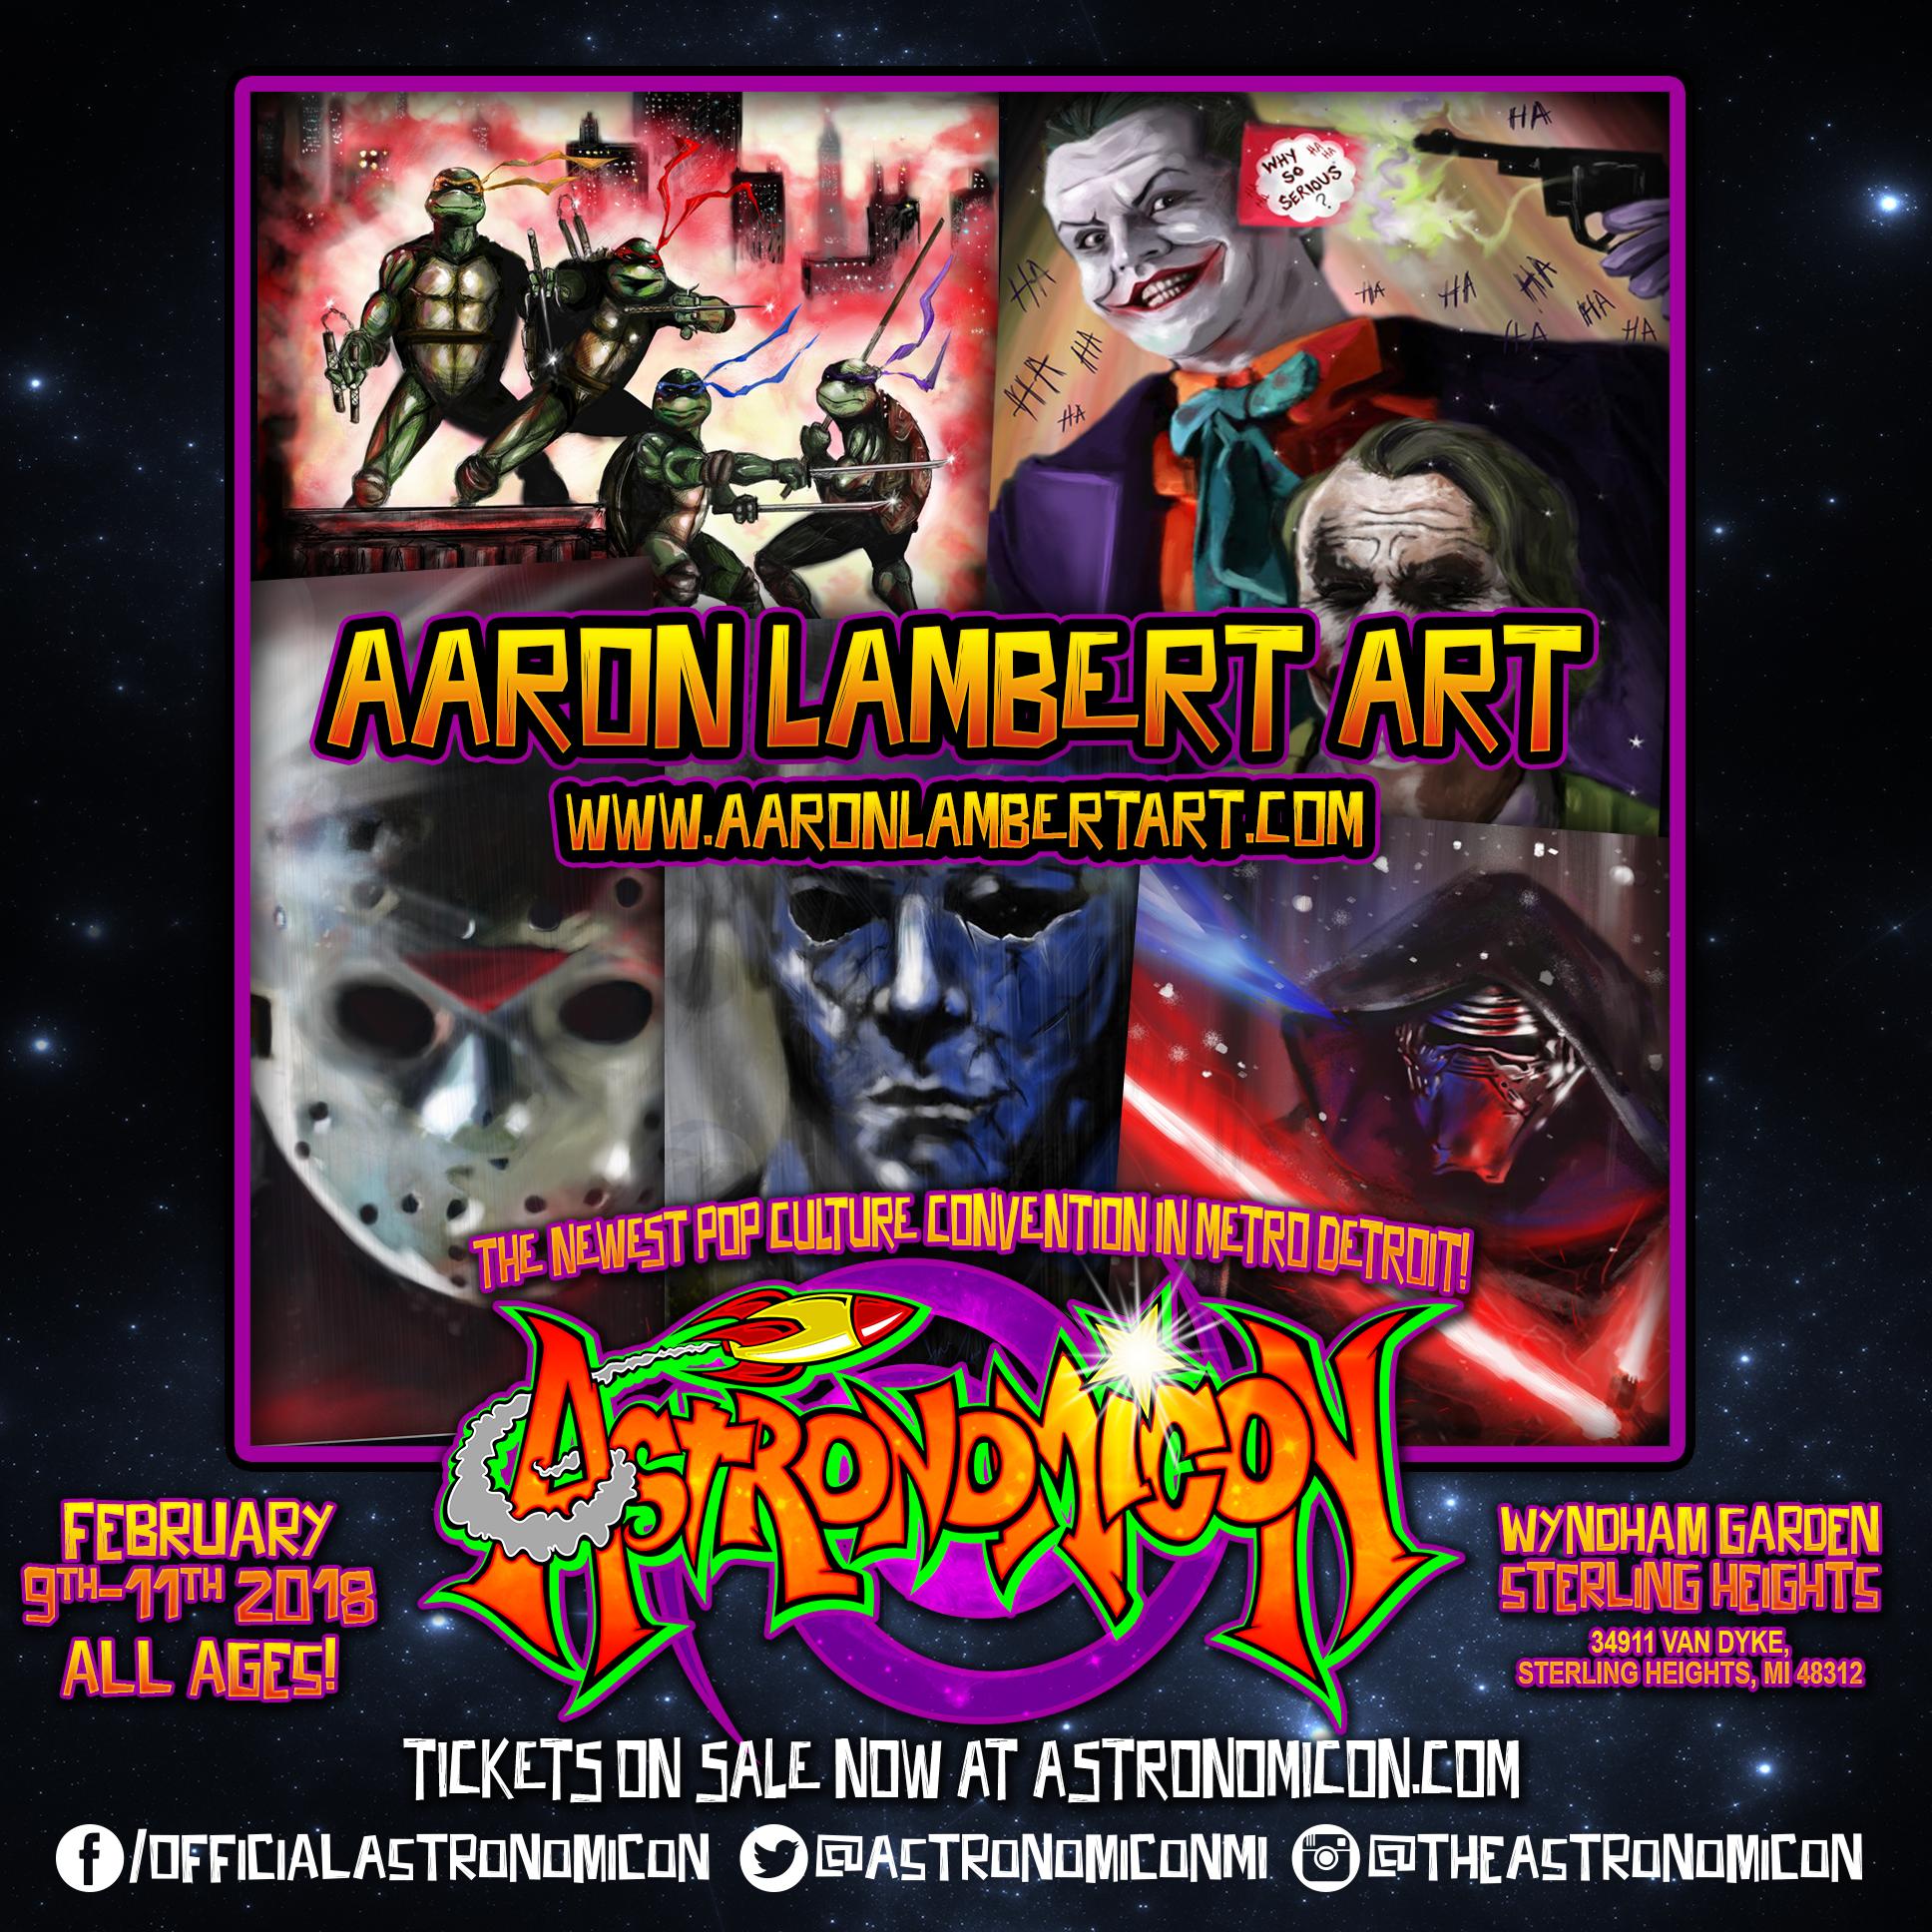 Aaron lambert art -  aaronlambertart.com